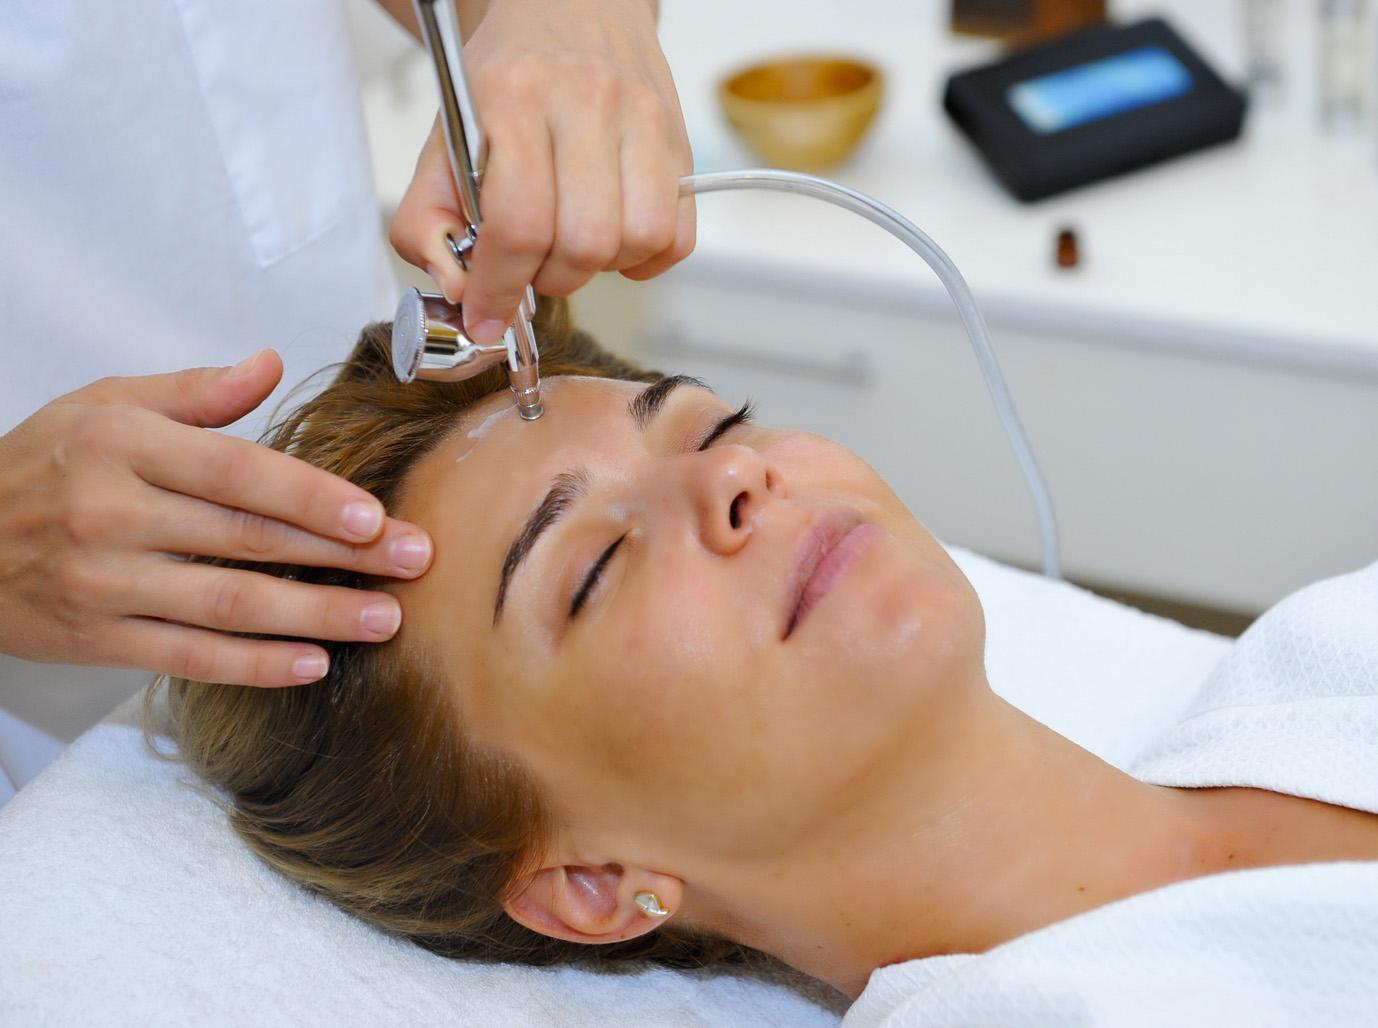 Продлеваем молодость с помощью косметолога: 3 действенные омолаживающие процедуры